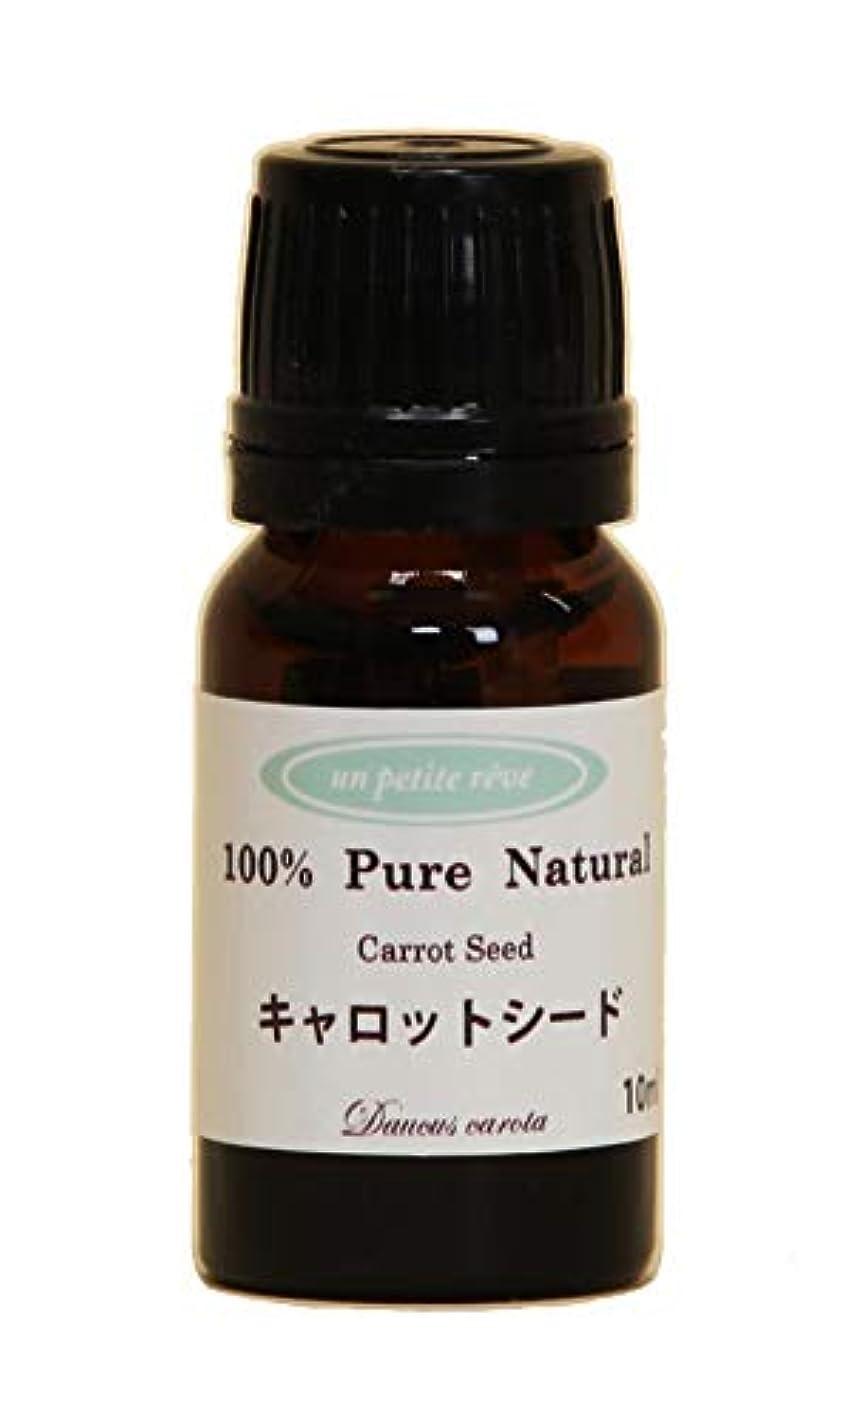 乳重なるピニオンキャロットシード 10ml 100%天然アロマエッセンシャルオイル(精油)